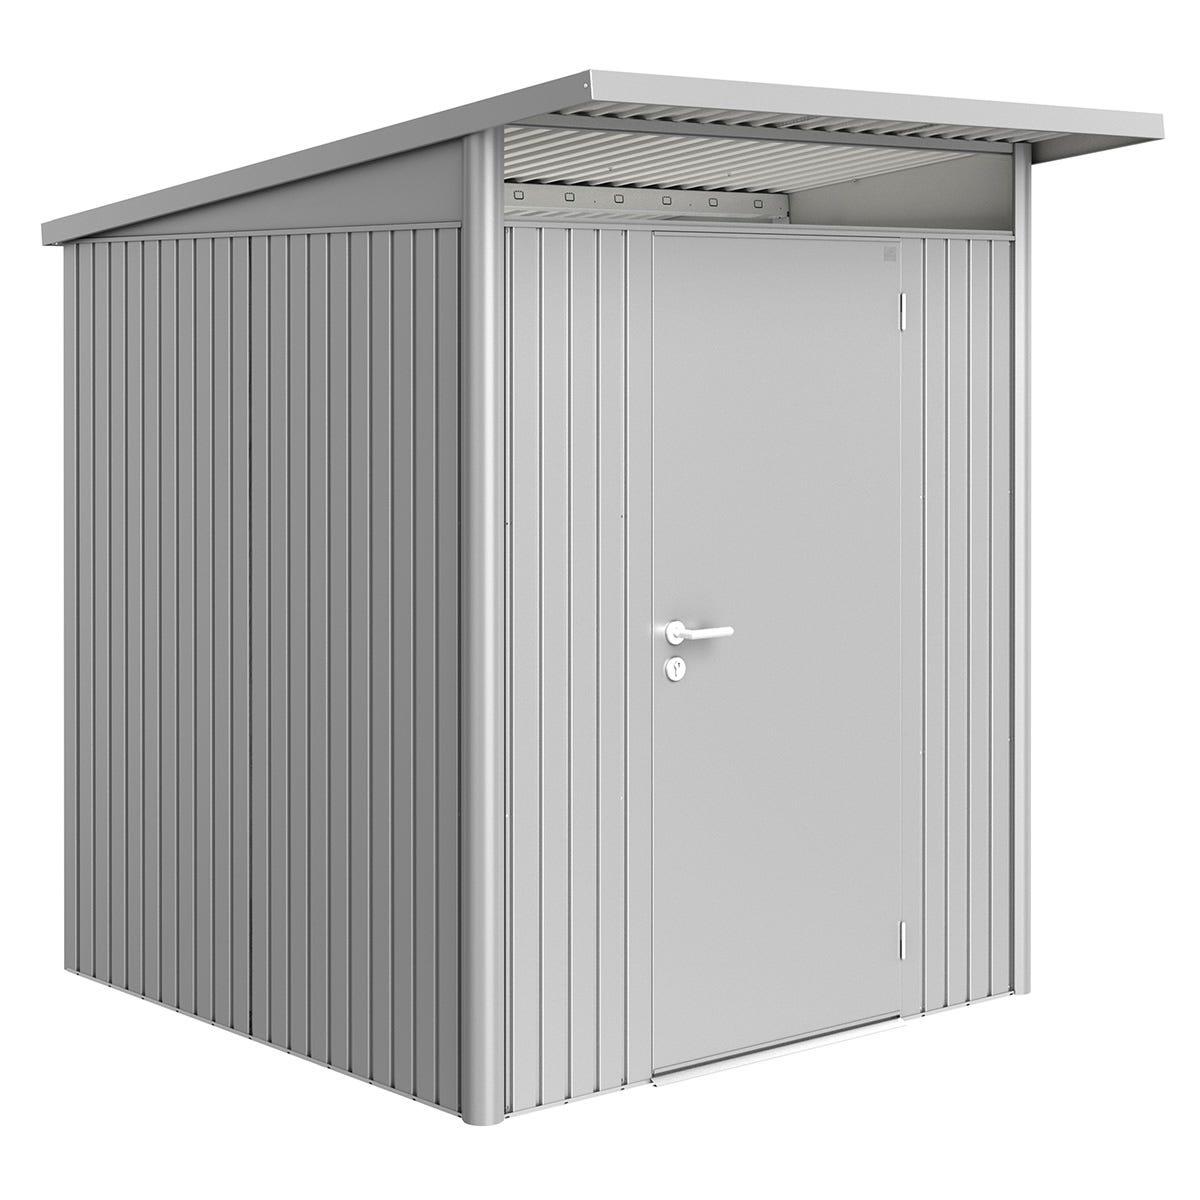 Biohort AvantGarde Metal Shed A1 Standard door 5' 9'' x 7' 2'' - Metallic Silver